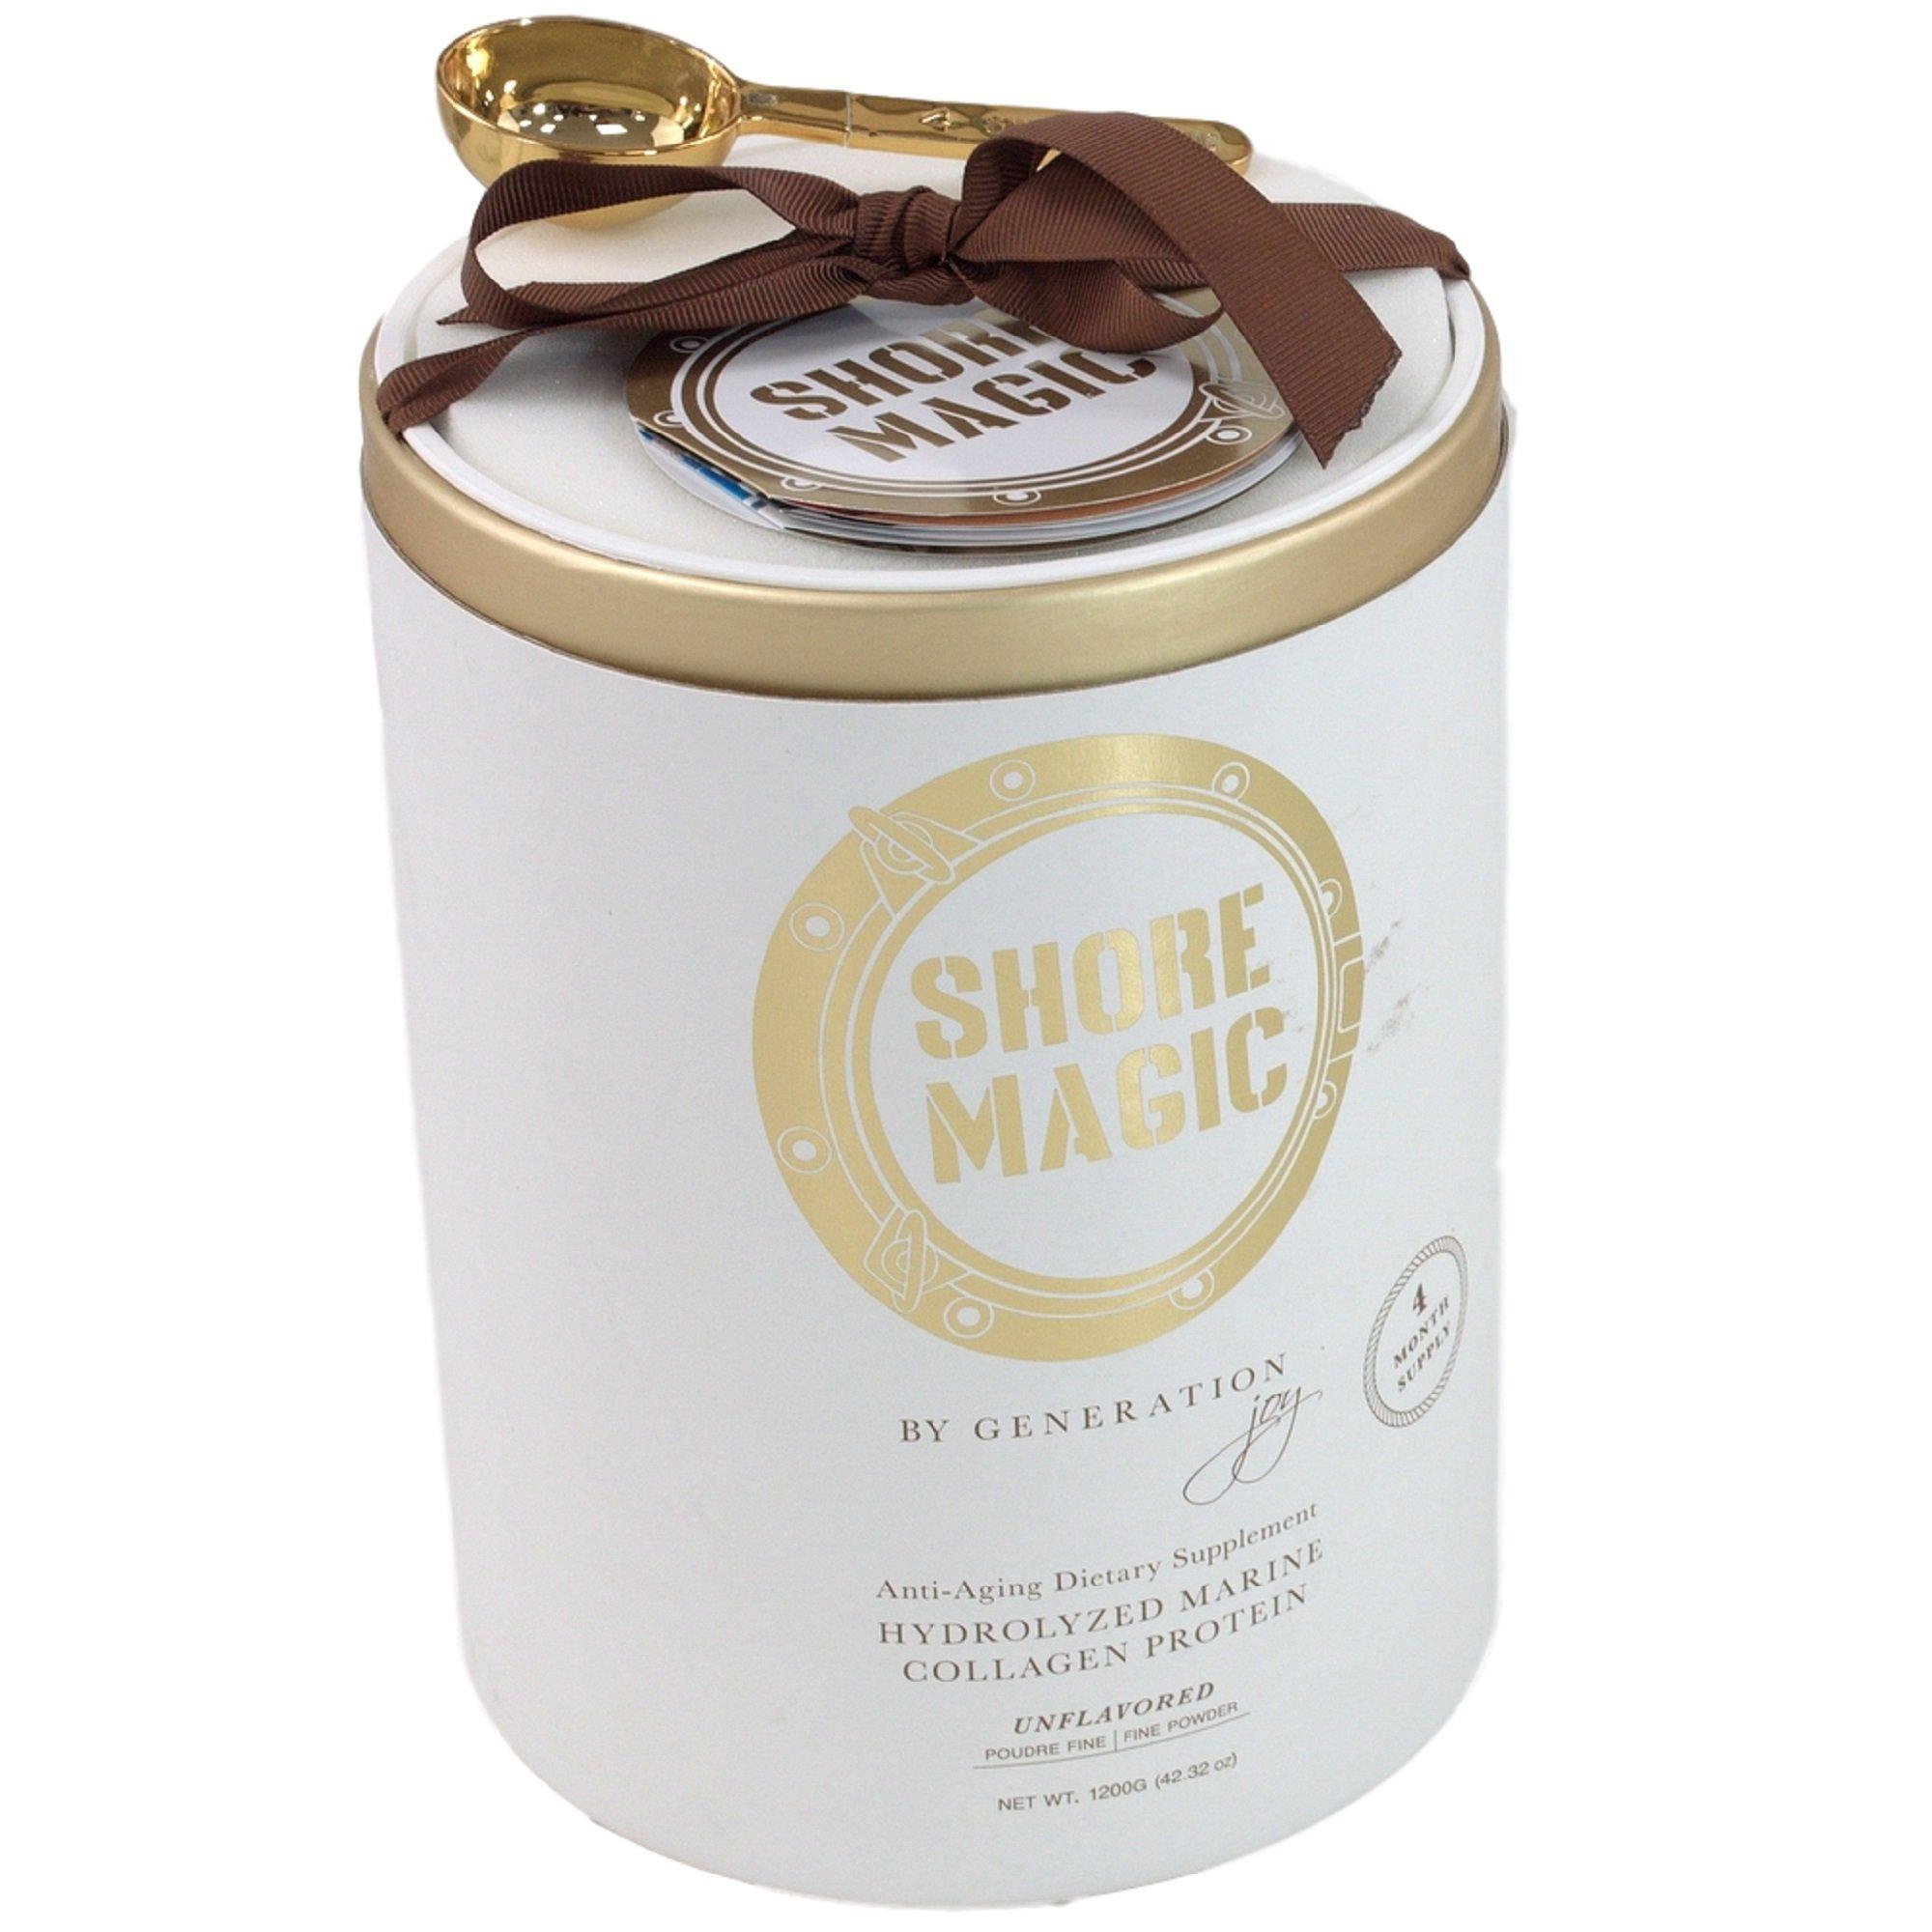 Shore Magic Pure Premium ONE INGREDIENT LUXURY Hydrolyzed Marine Collagen Powder (1200 Gram, Four Month Supply)